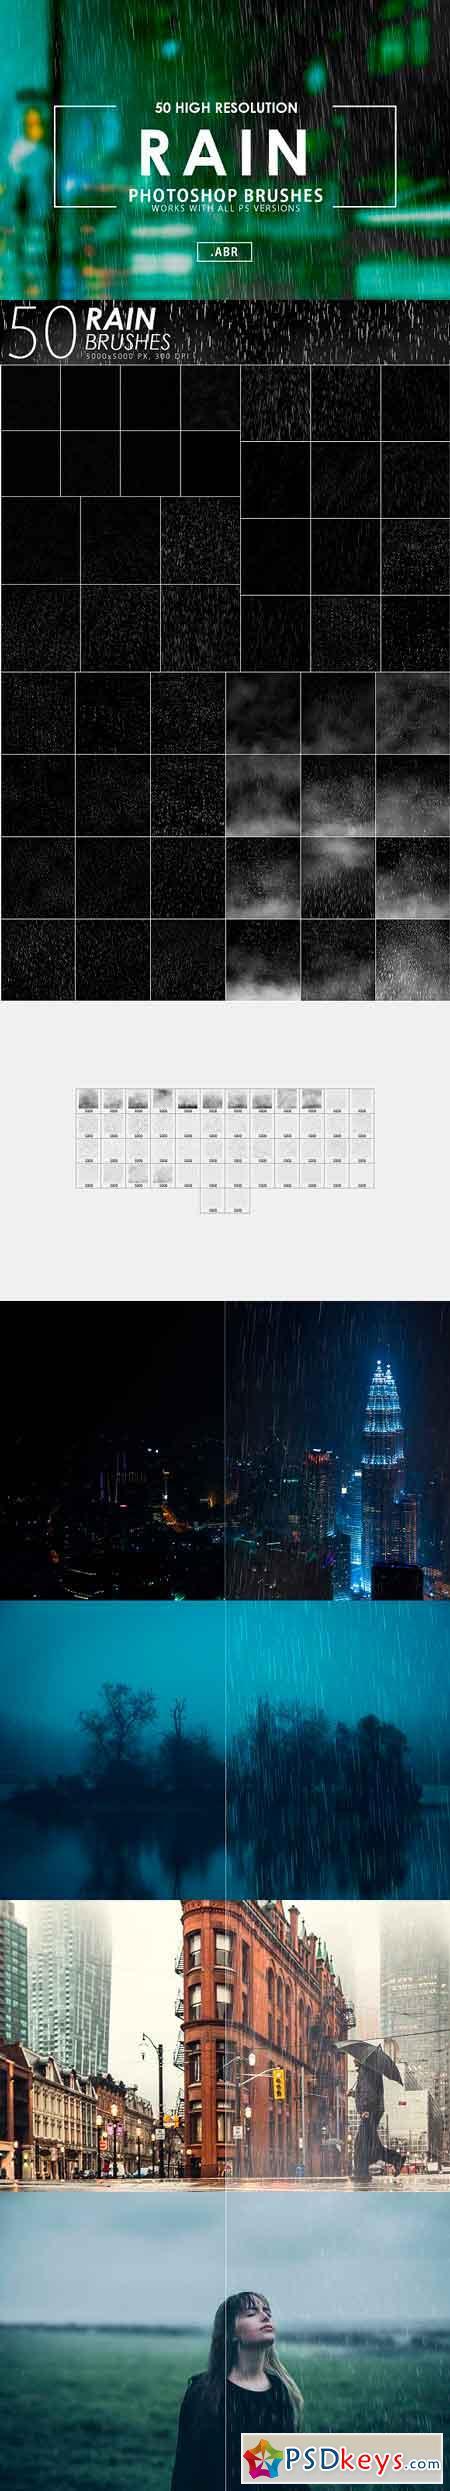 PHOTOSHOP CS6 RAIN BRUSHES PACK FREE DOWNLOAD - Rain